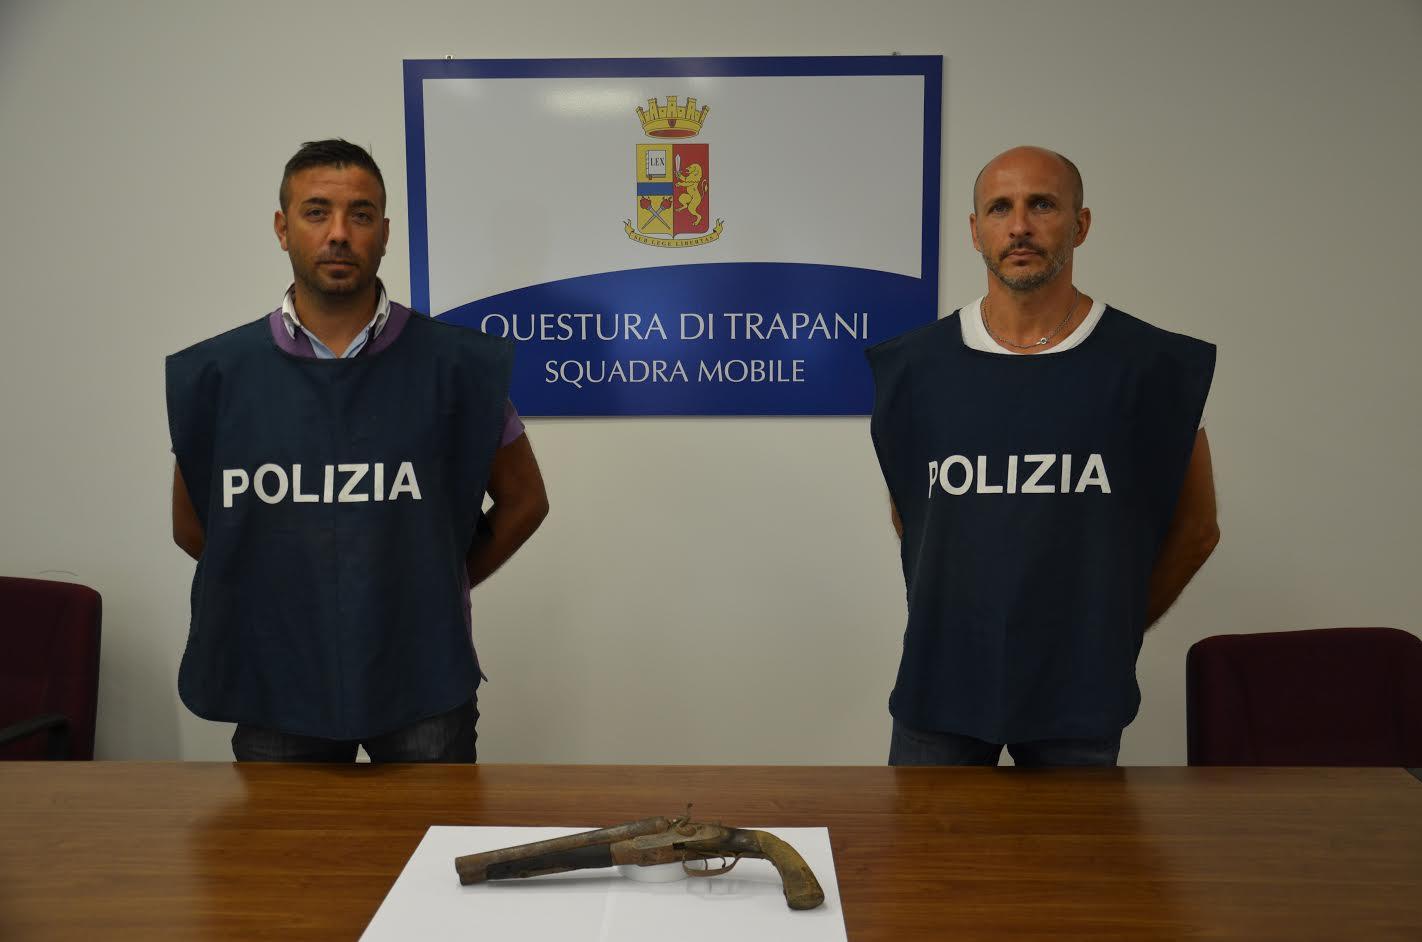 Tentato omicidio di Domenico Cuntuliano: dopo l'arresto di Matteo Bucaria ritrovata arma del delitto